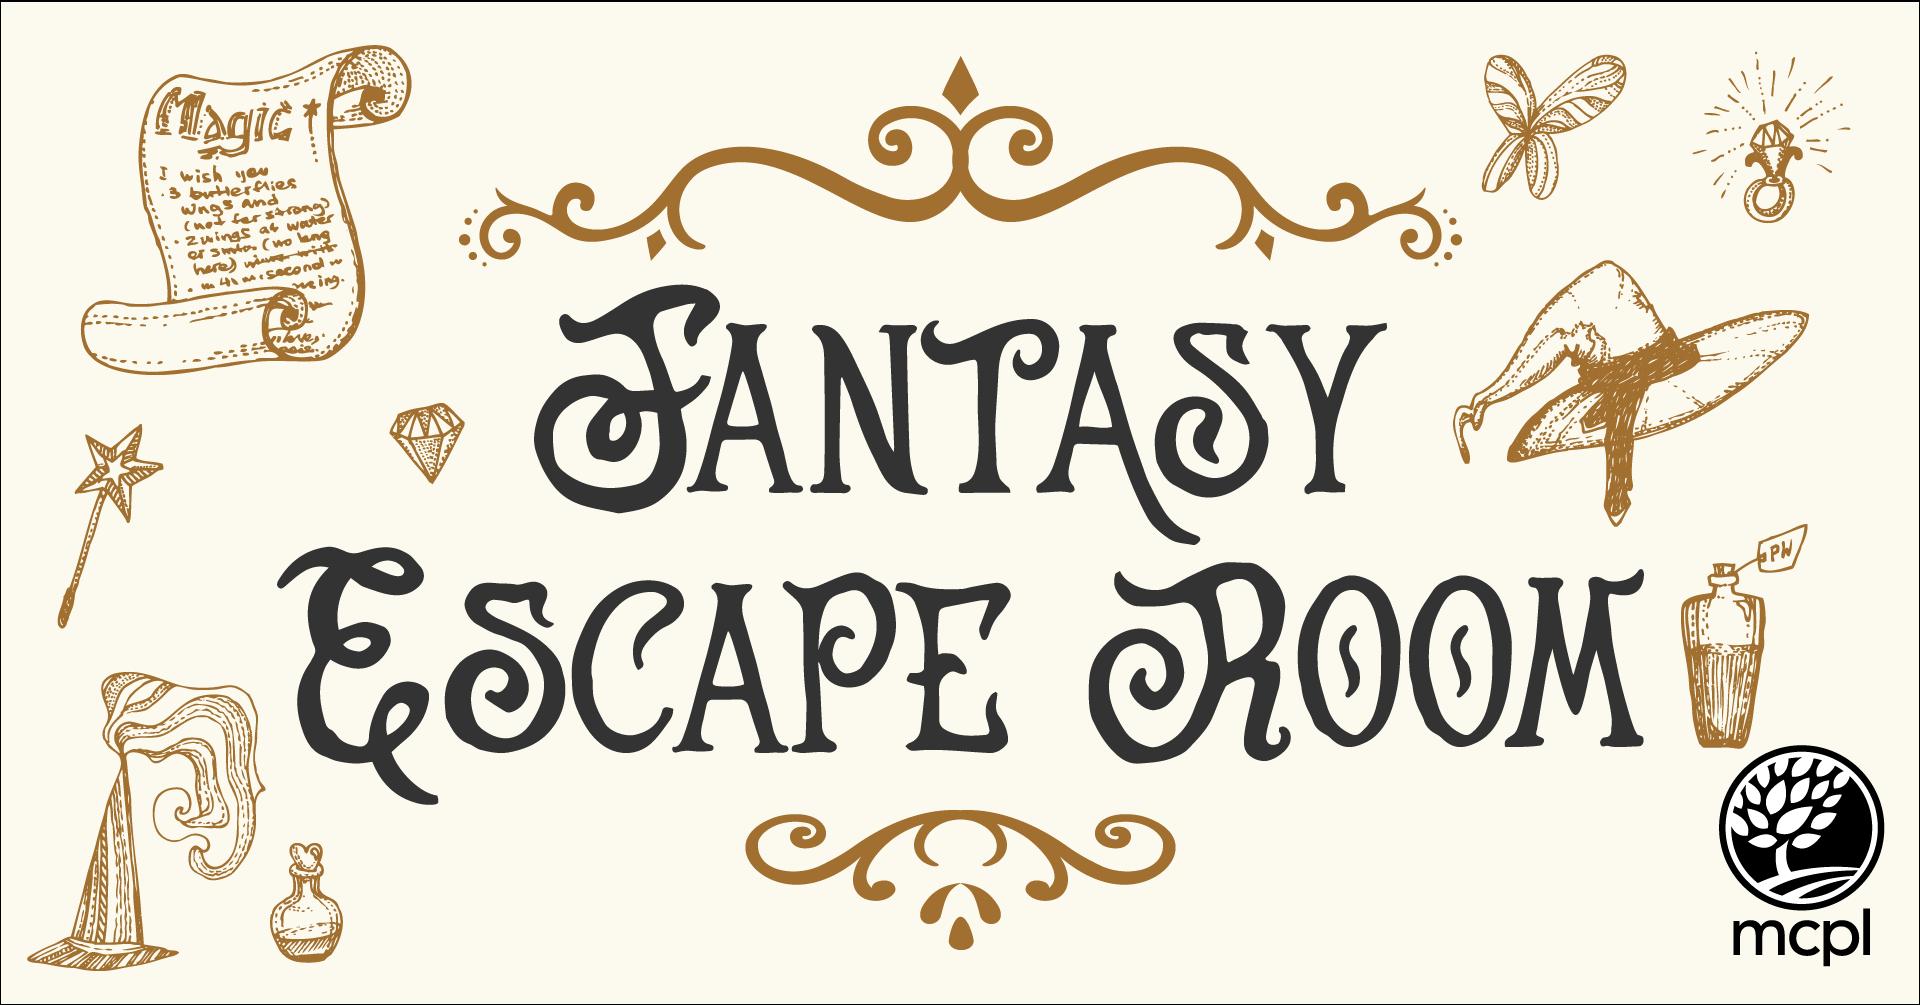 Fantasy Escape Room